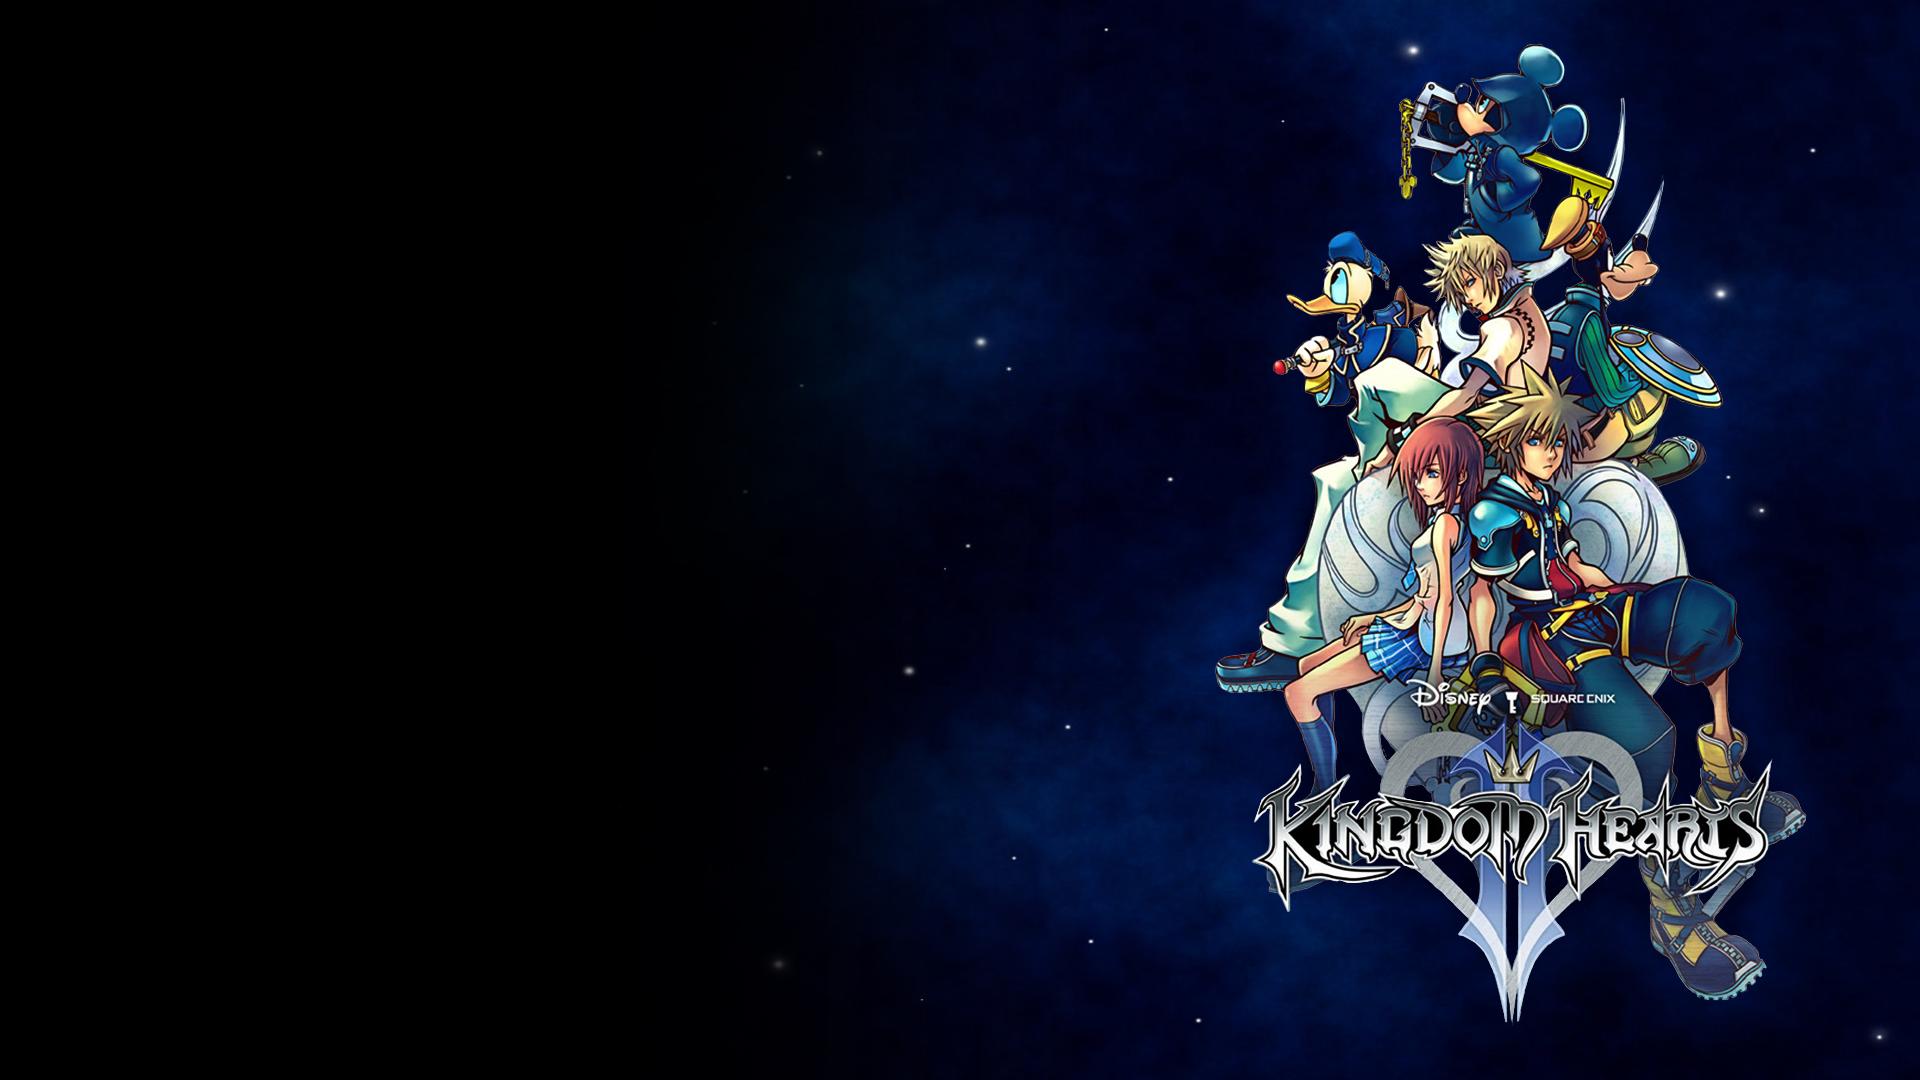 Kingdom Hearts HD wallpaper | 1920x1080 | #52461